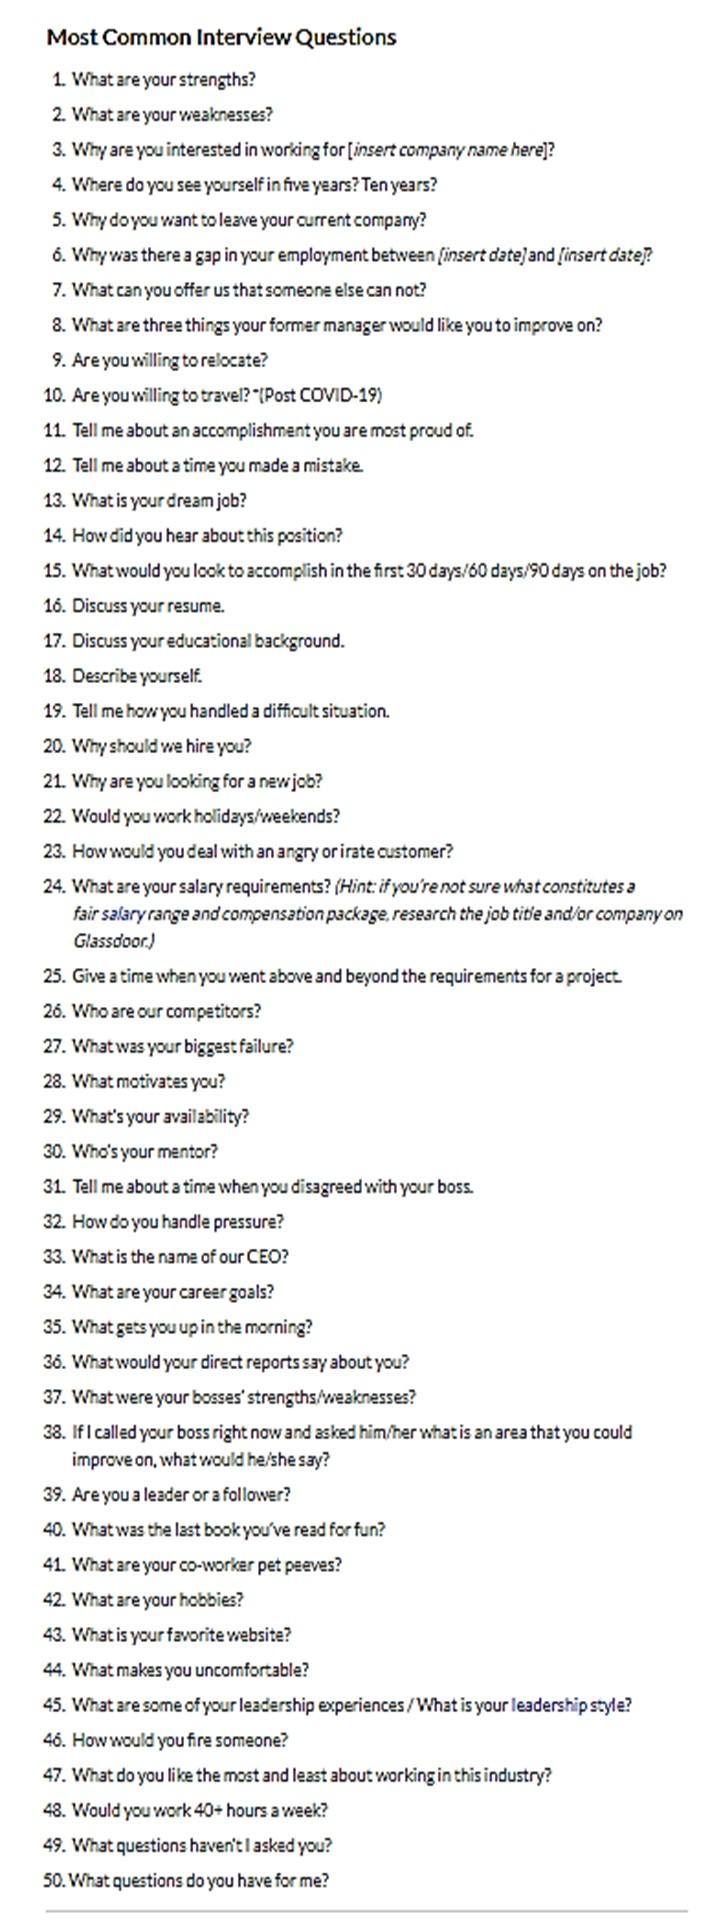 50 Interview Questions from Glassdoor